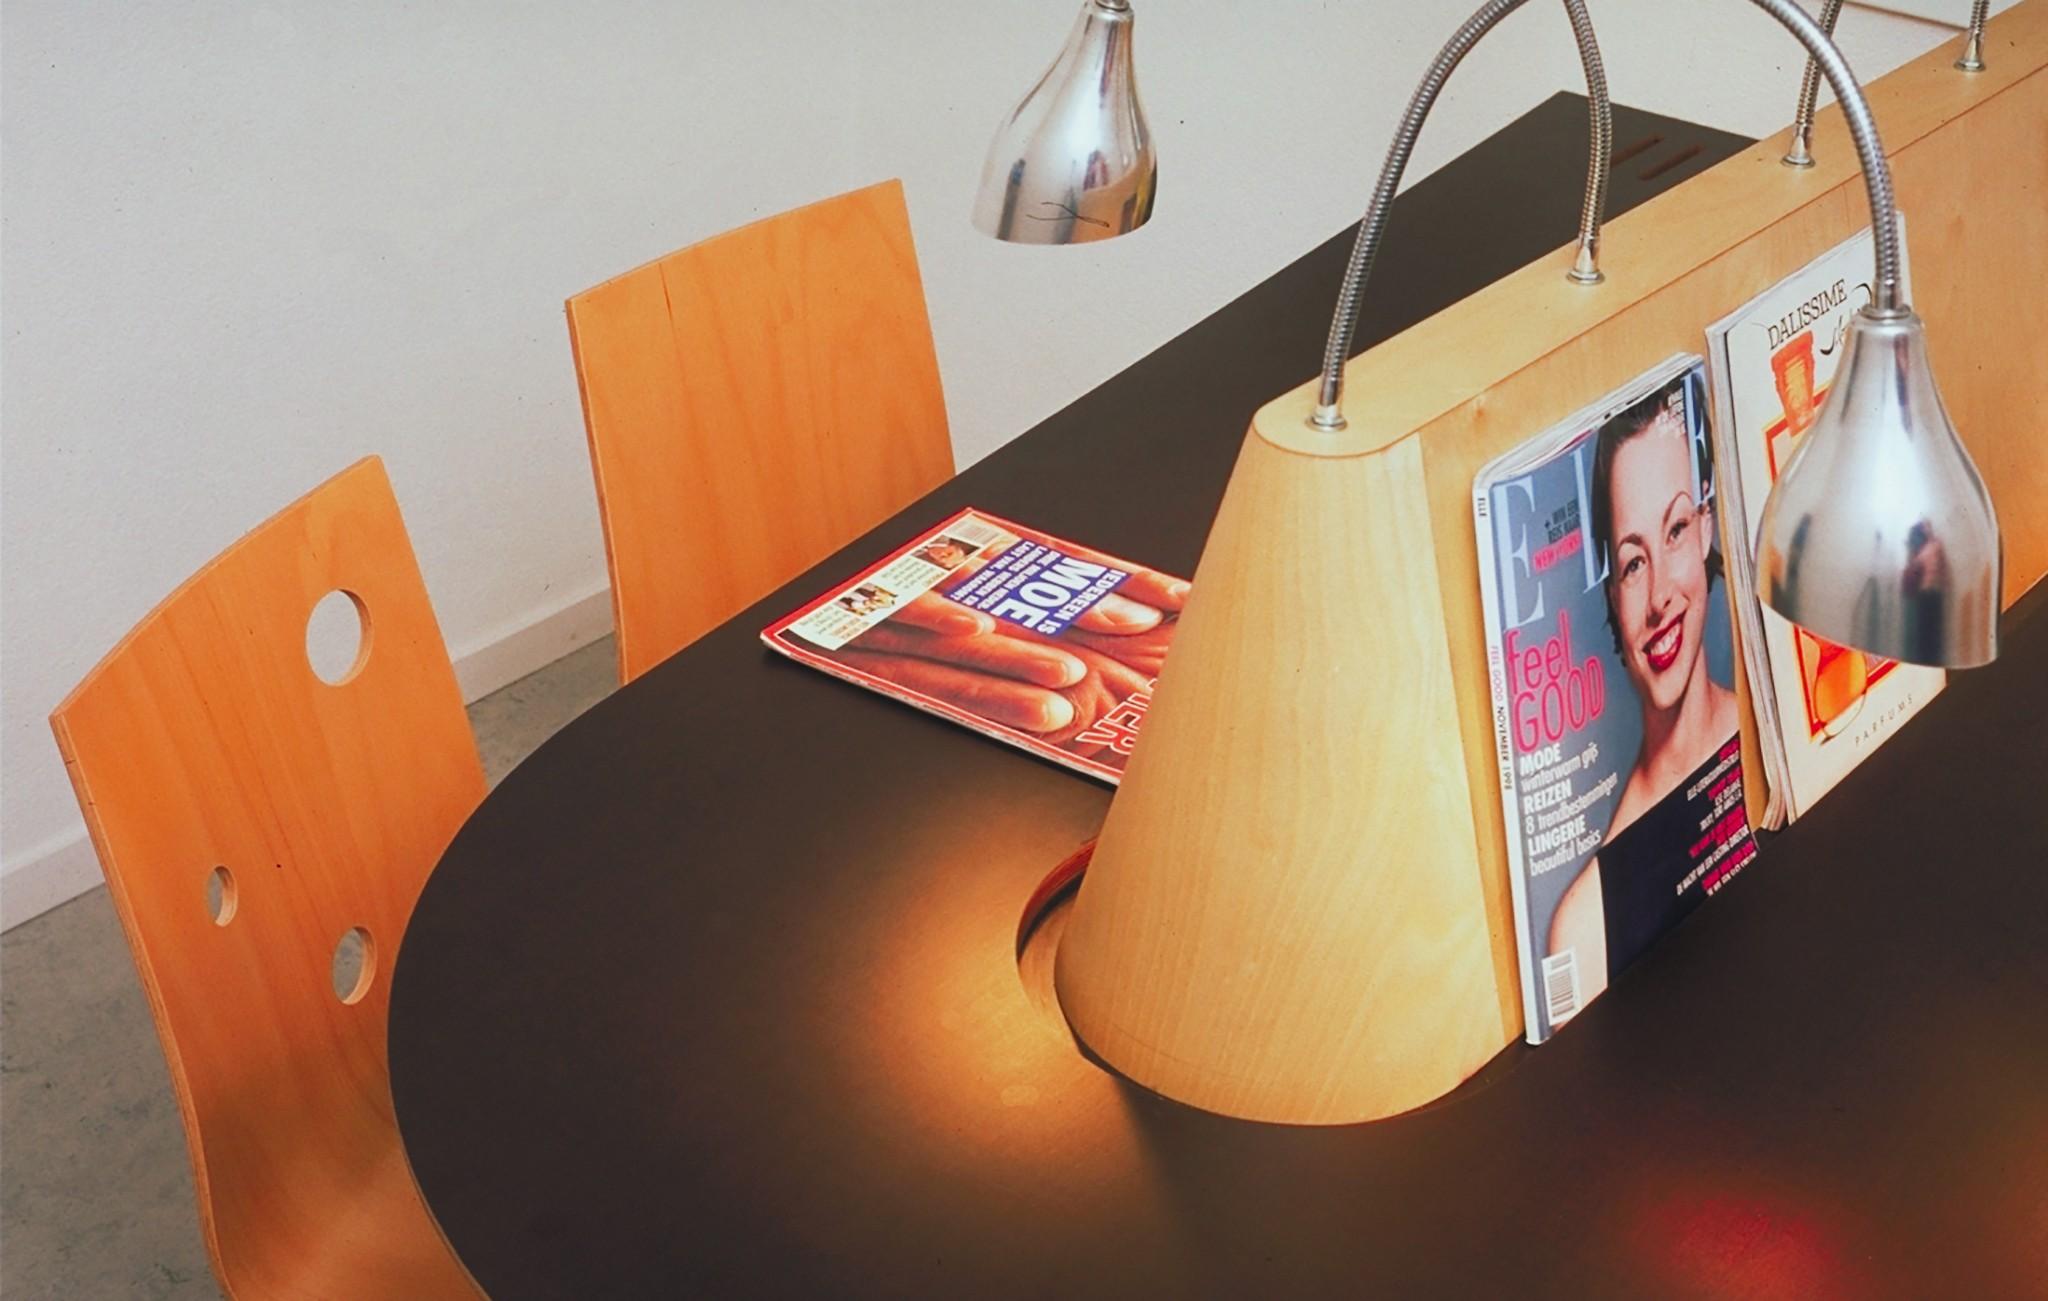 De Ontwerpwerkplaats, Gijs Niemeijer, Floor van Ditzhuyzen, Tandzorgpraktijk Mathenesse, ontwerp tandartspraktijk, tandzorg mathenesse, interieur ontwerp, interieurarchitect, inrichting tandartspraktijk,